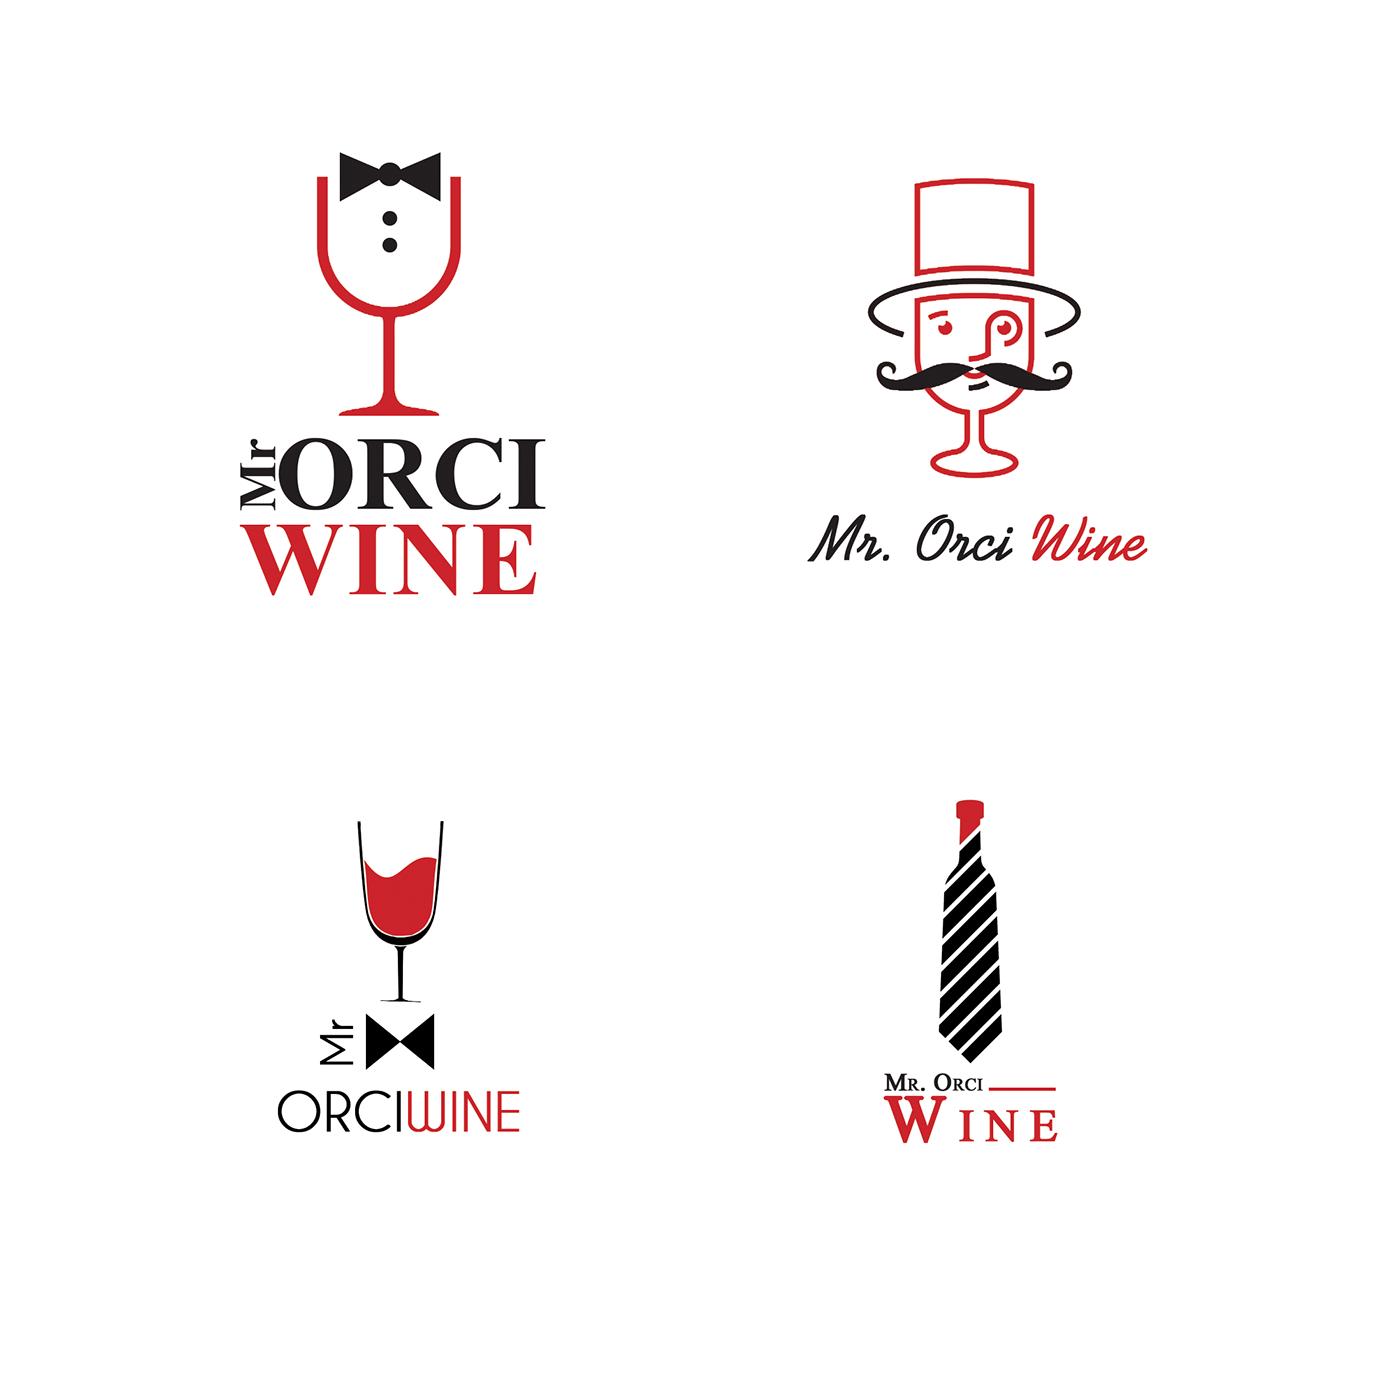 Thiết kế logo chuyên nghiệp